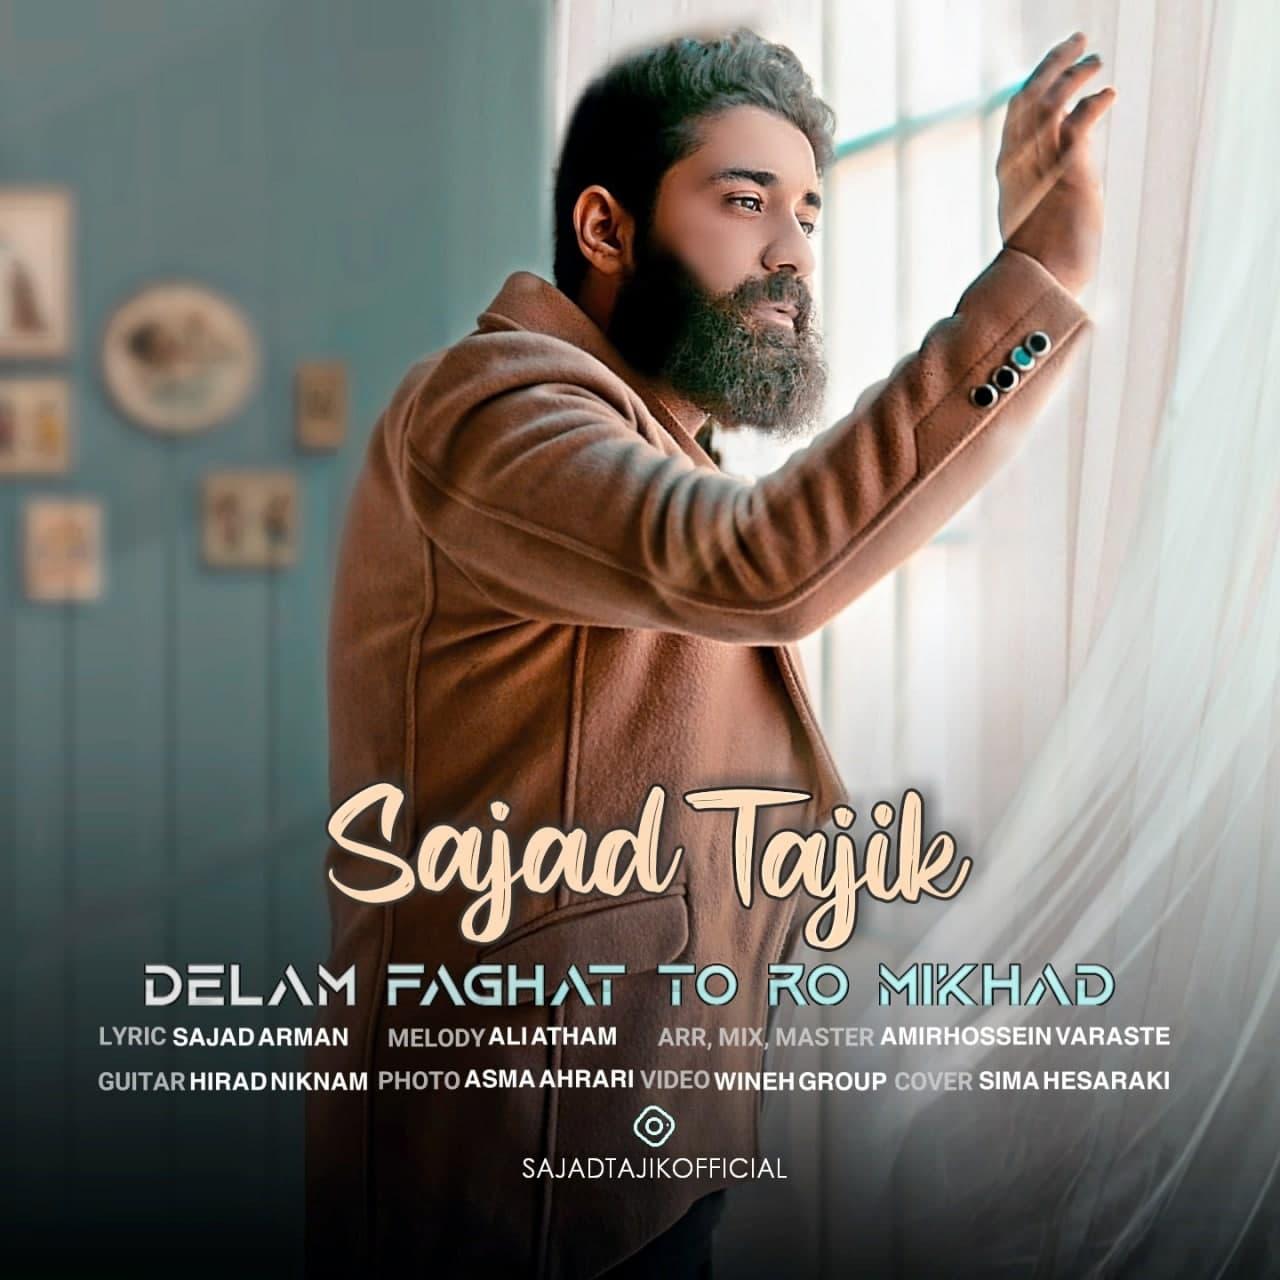 دانلود آهنگ سجاد تاجیک دلم فقط تو رو میخواد